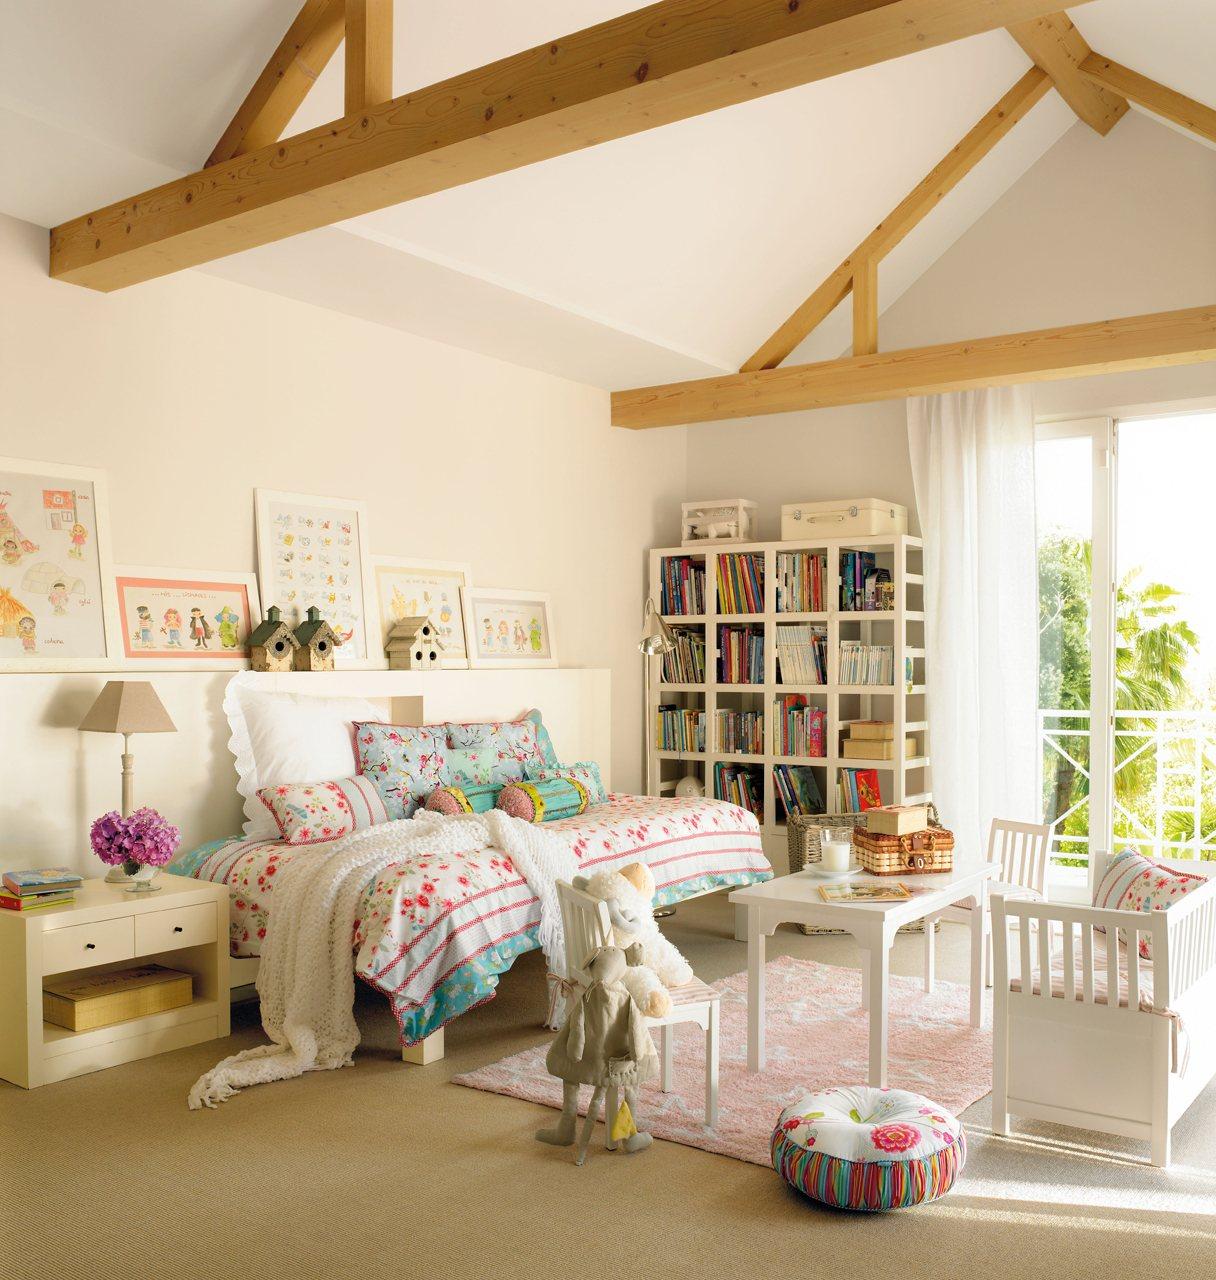 Soluciones de almacenaje en la habitaci n de los ni os - Dormitorios juveniles con encanto ...